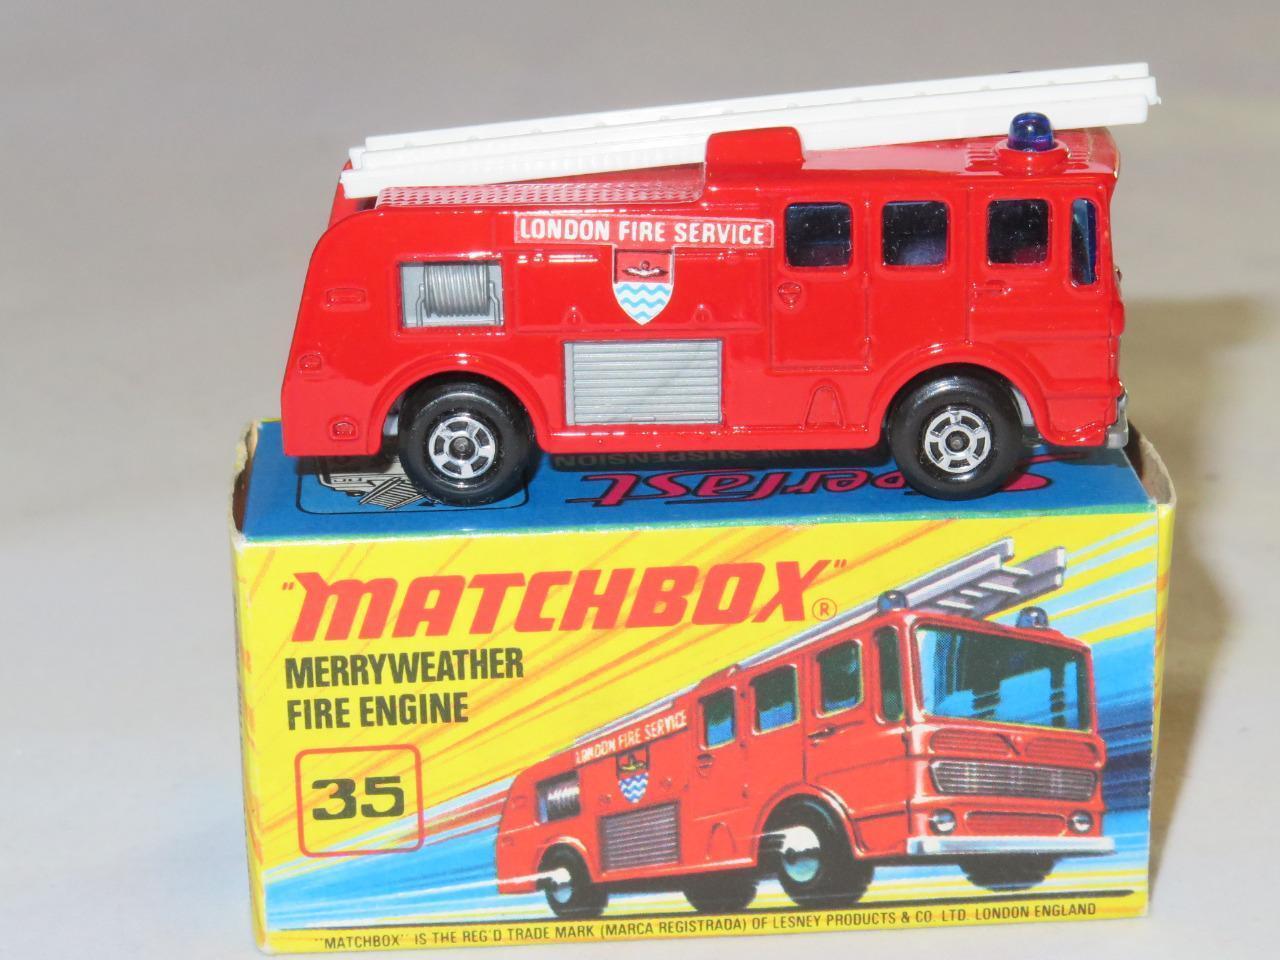 MATCHBOX SUPERFAST 35 Merryweather Fire Engine MINT in  I2 Box 2 Rivet Clips RARE  jusqu'à 60% de réduction